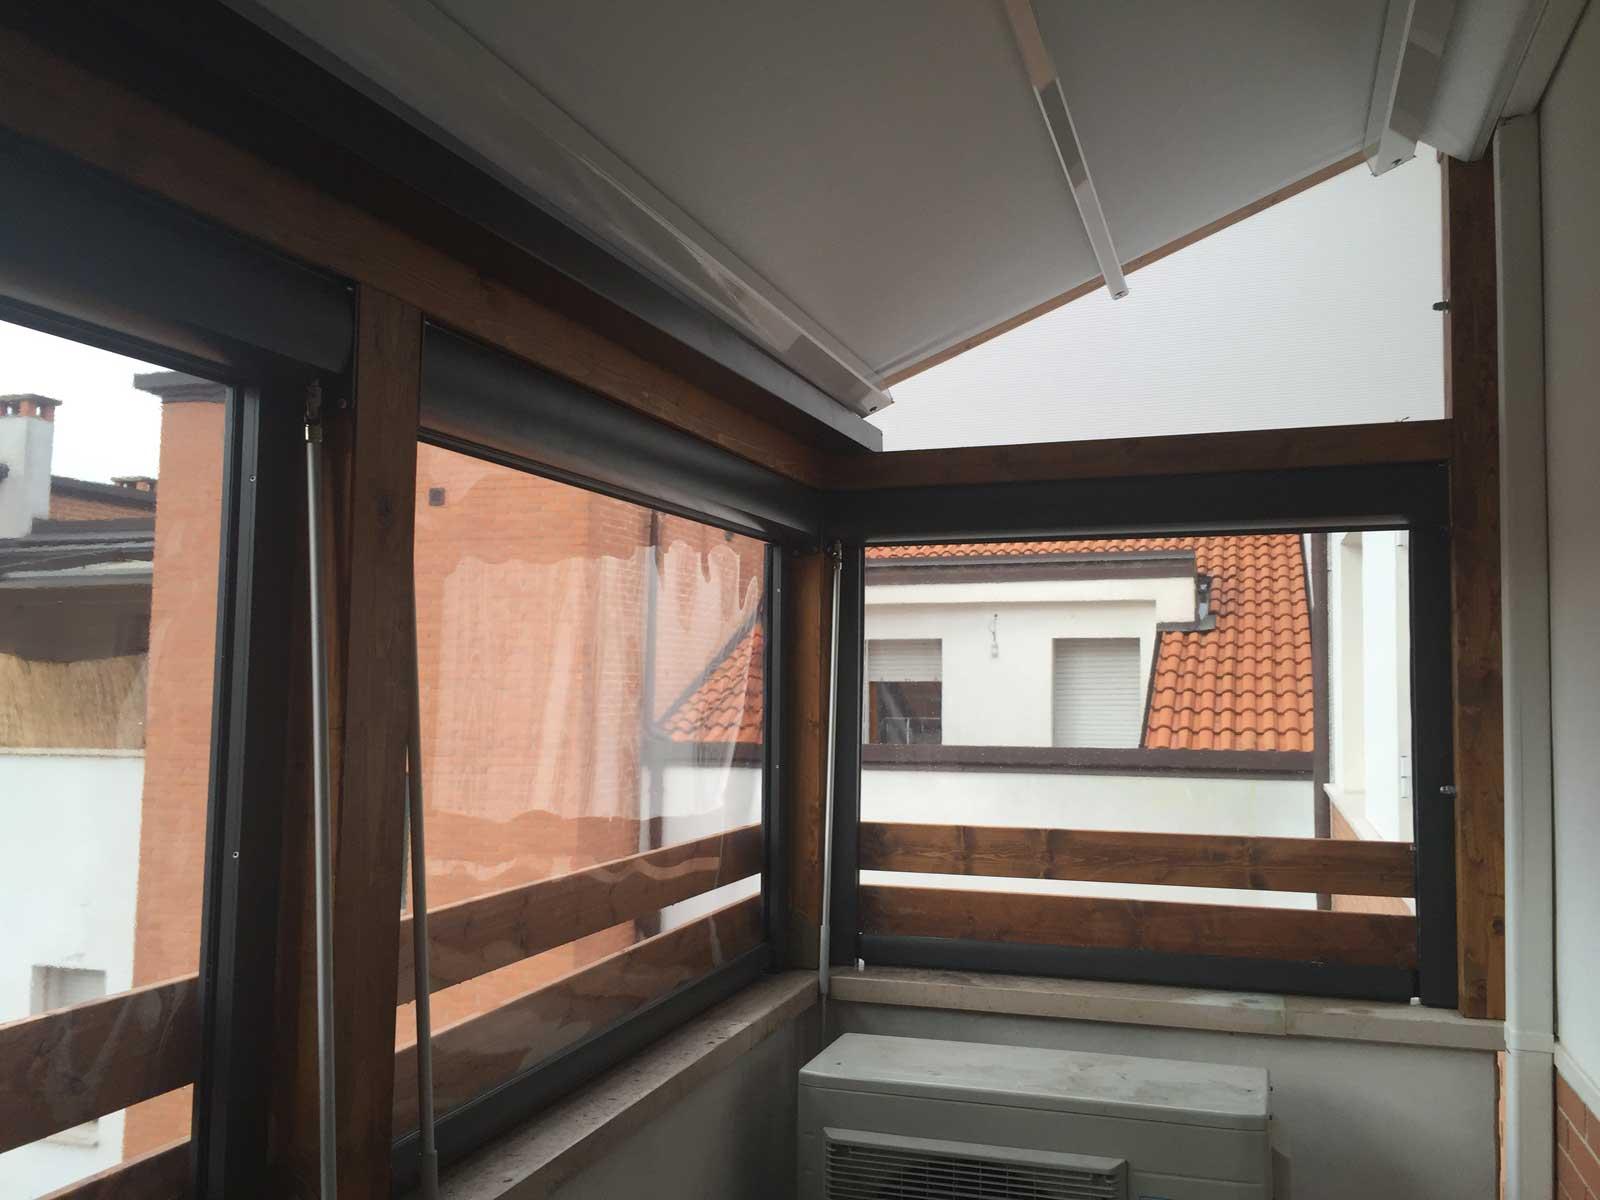 Veranda su balcone con coperto di tenda in pvc retraibile e tende termiche.